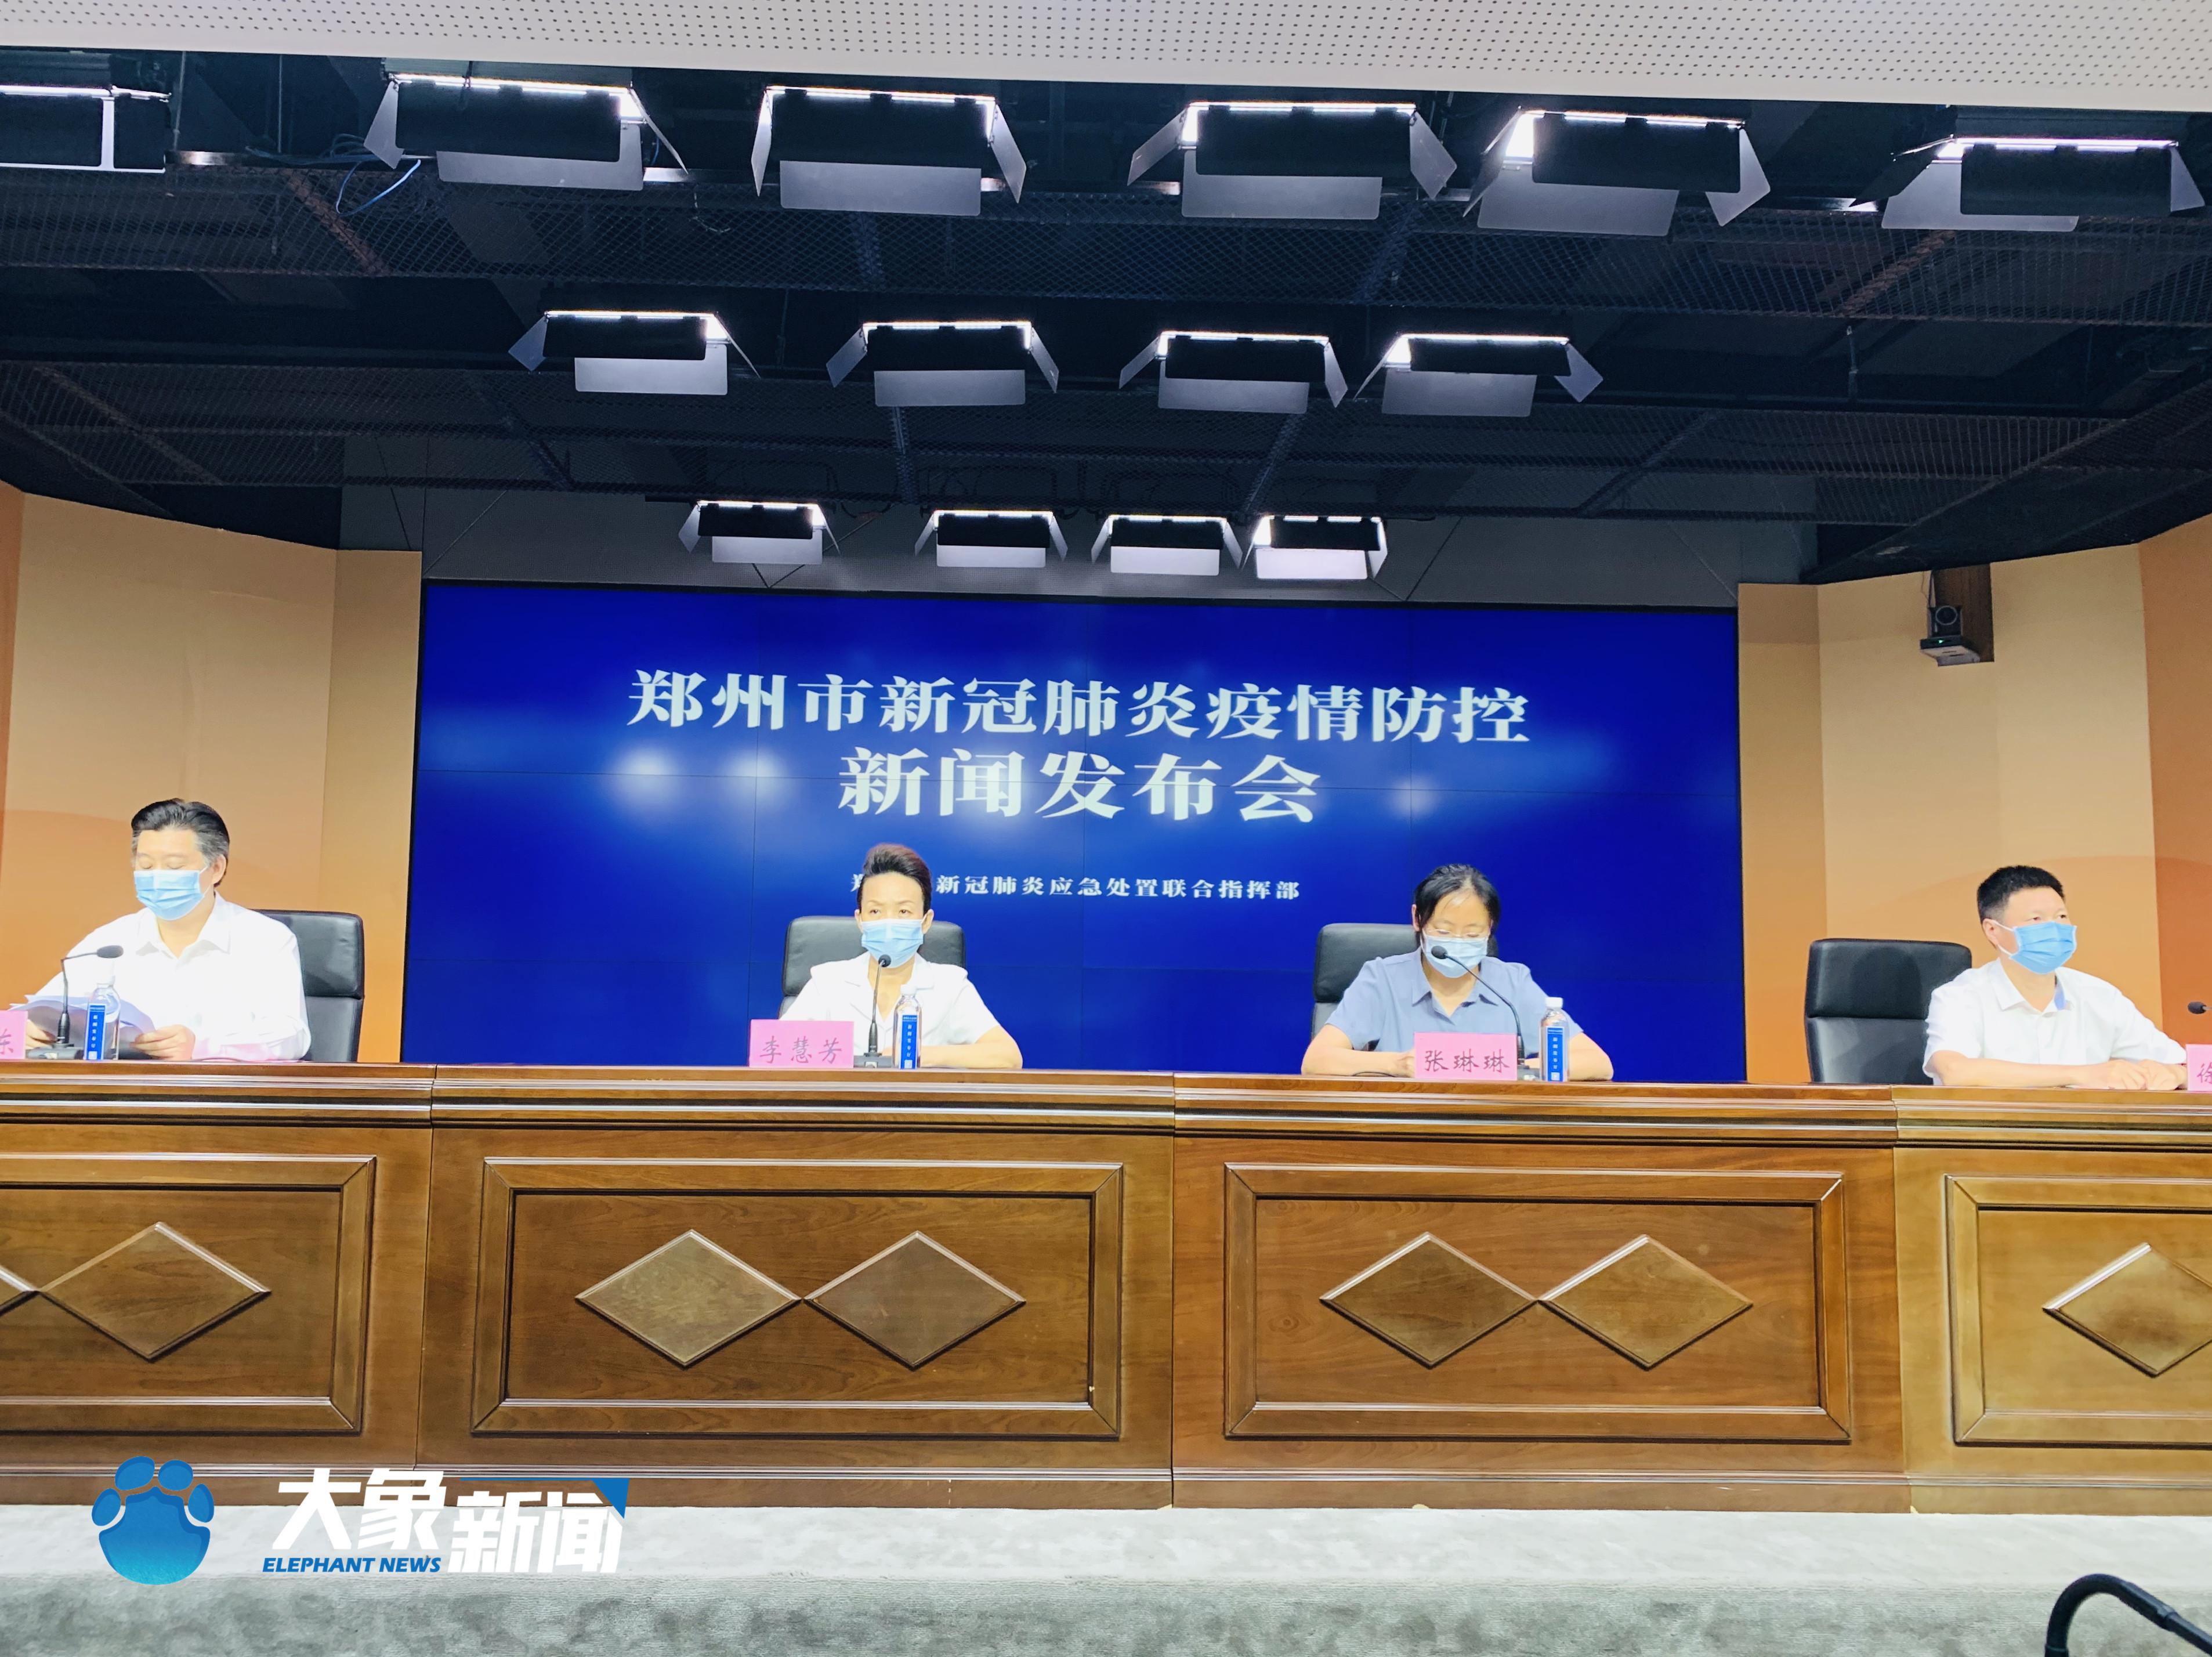 快讯!截至8月4日18时,郑州本轮疫情累计感染101人